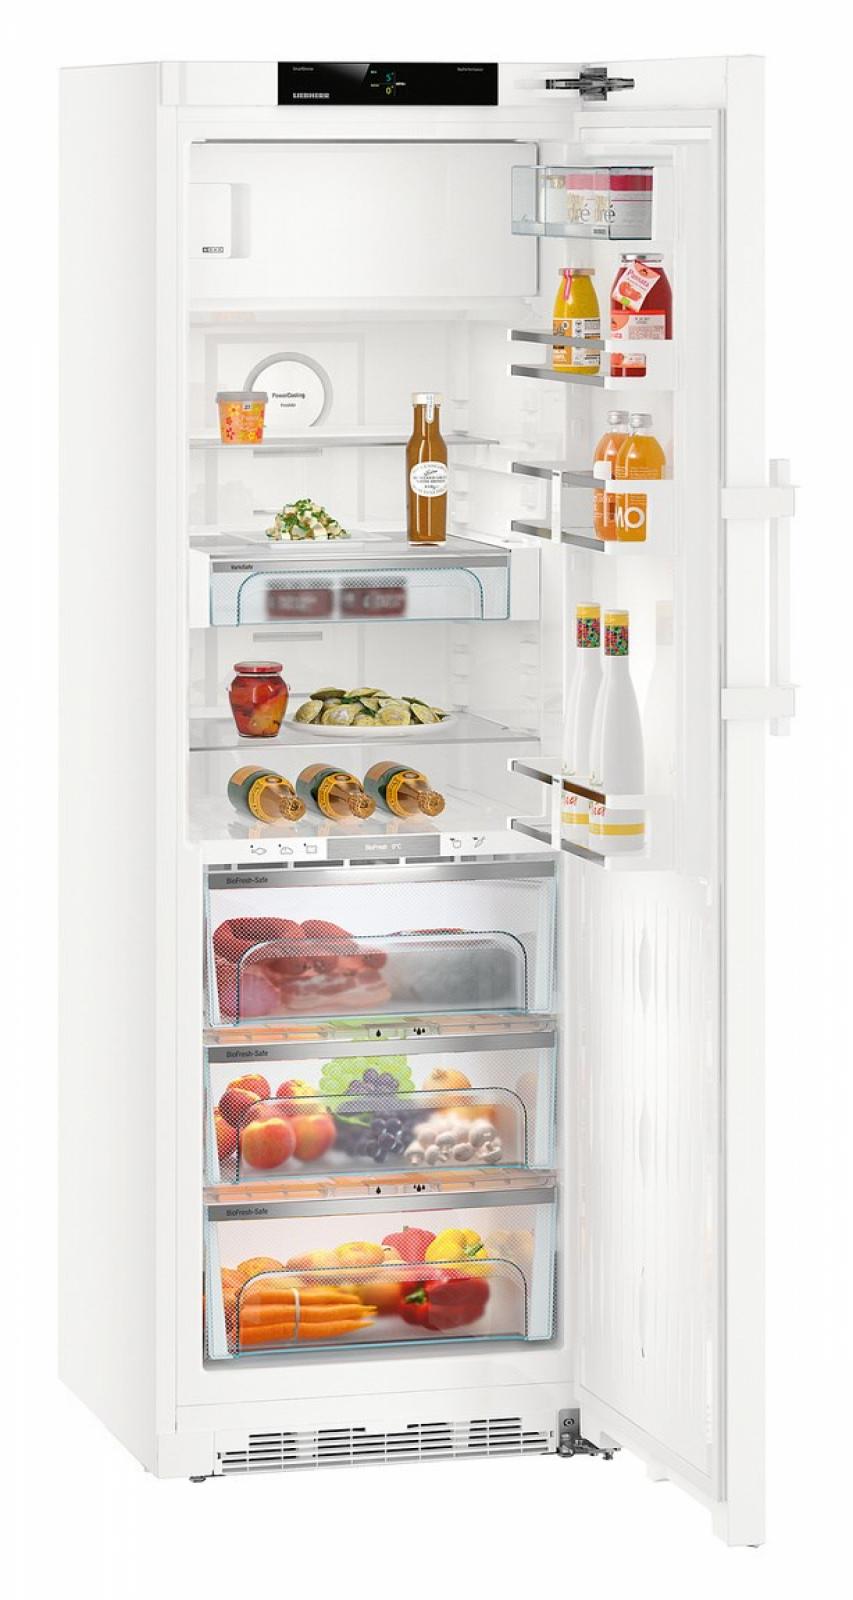 Однокамерный холодильник Liebherr KBP 4354 купить украина